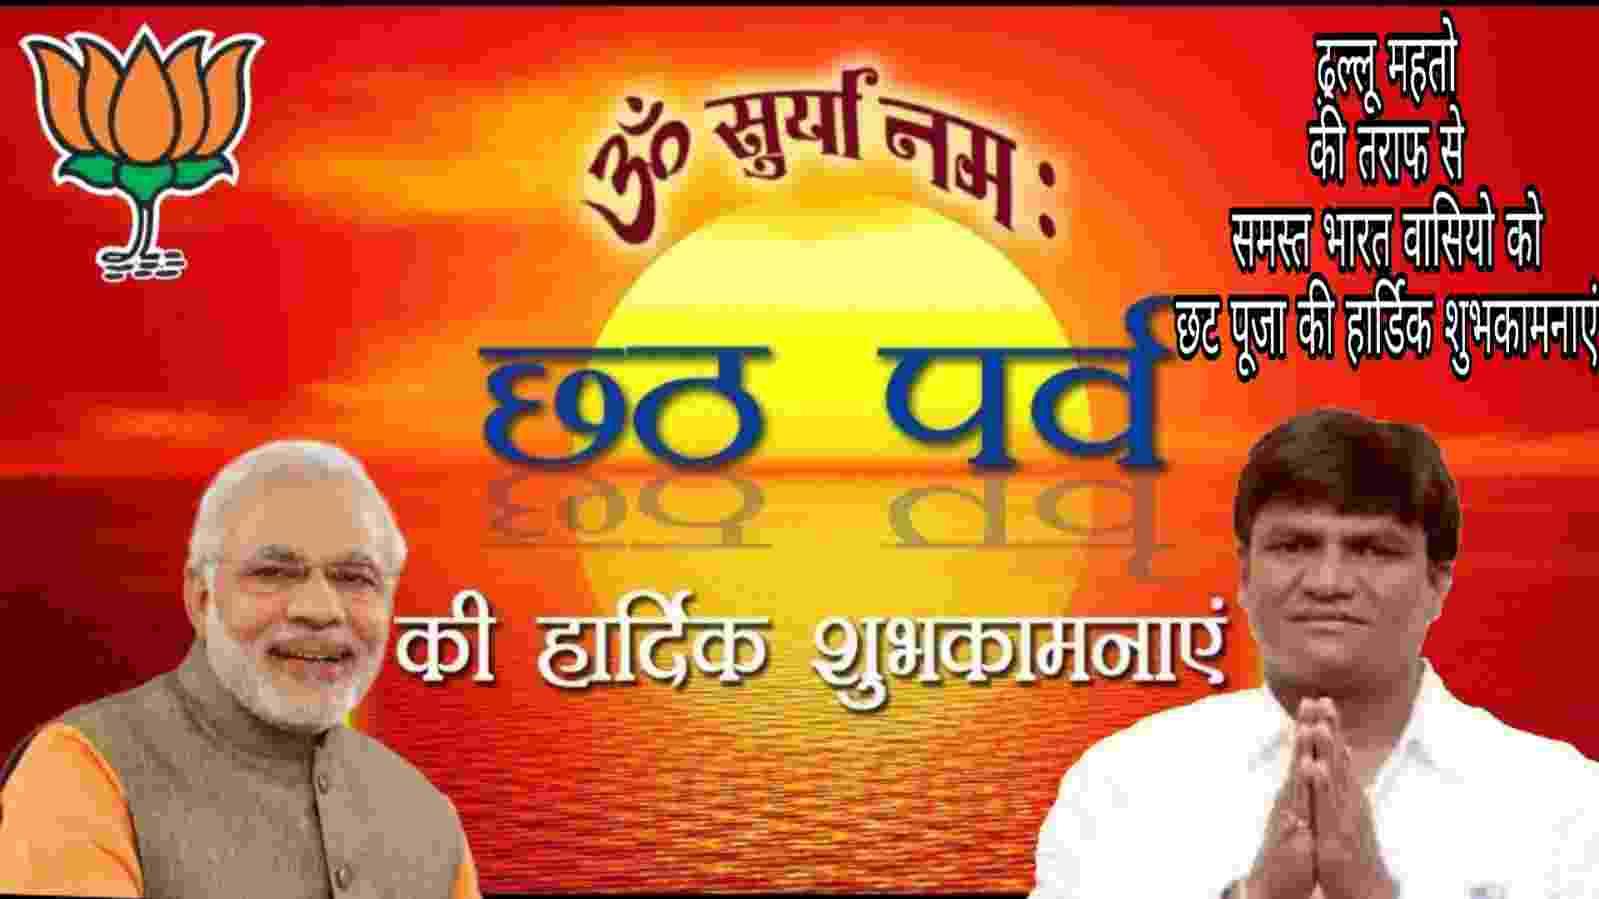 ढुल्लू महतो की तराफ से समस्त भारत वासियो को छट पूजा की हार्डिक शुभकामनाएं |